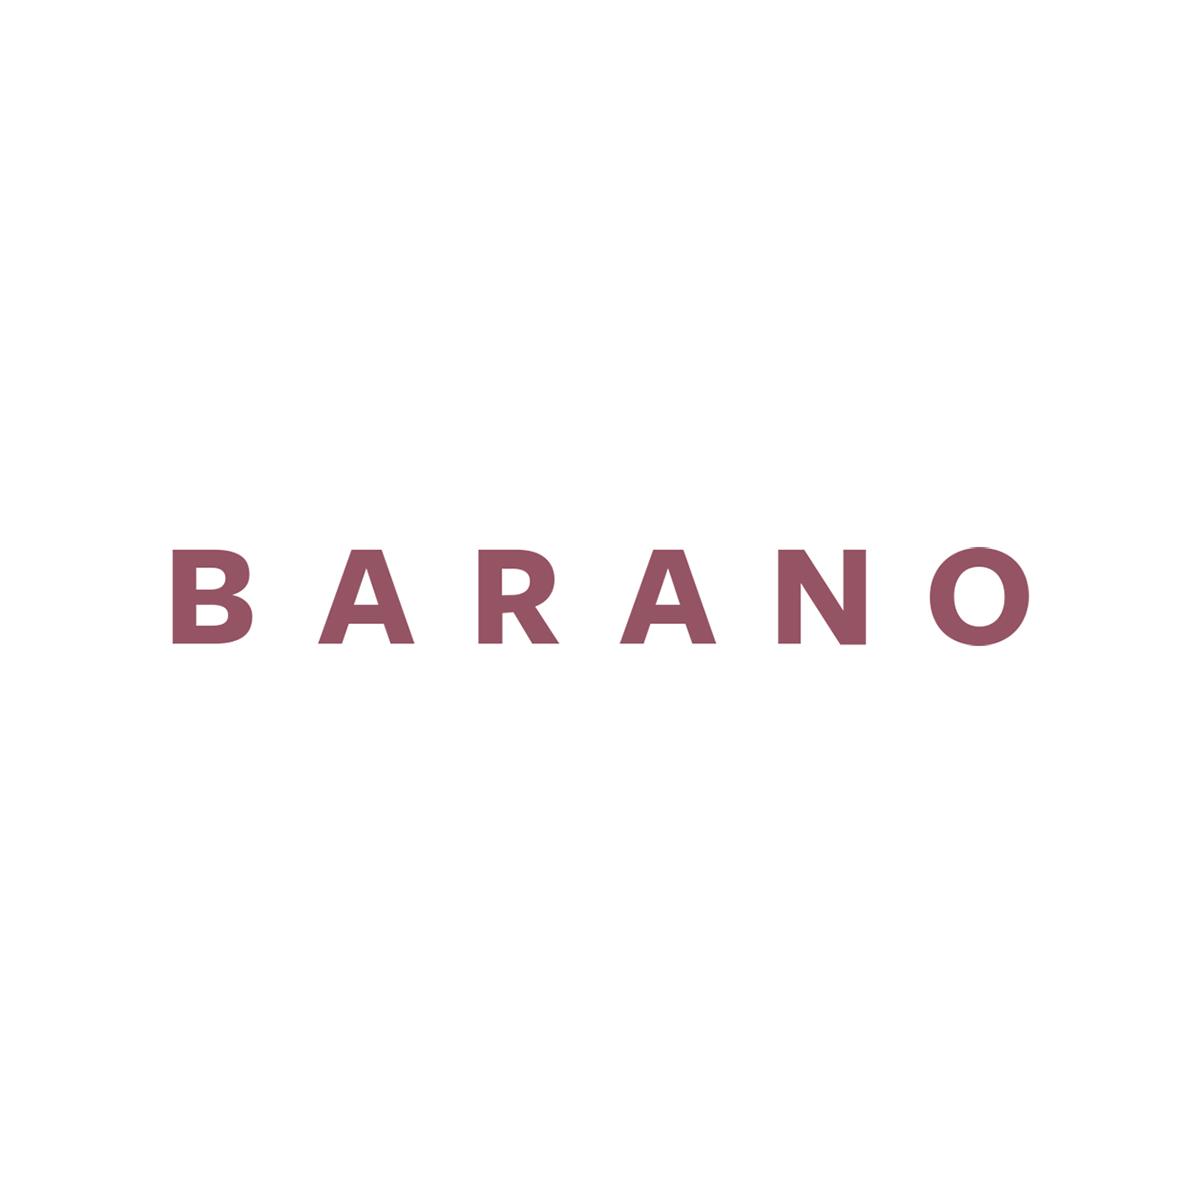 Barano.png